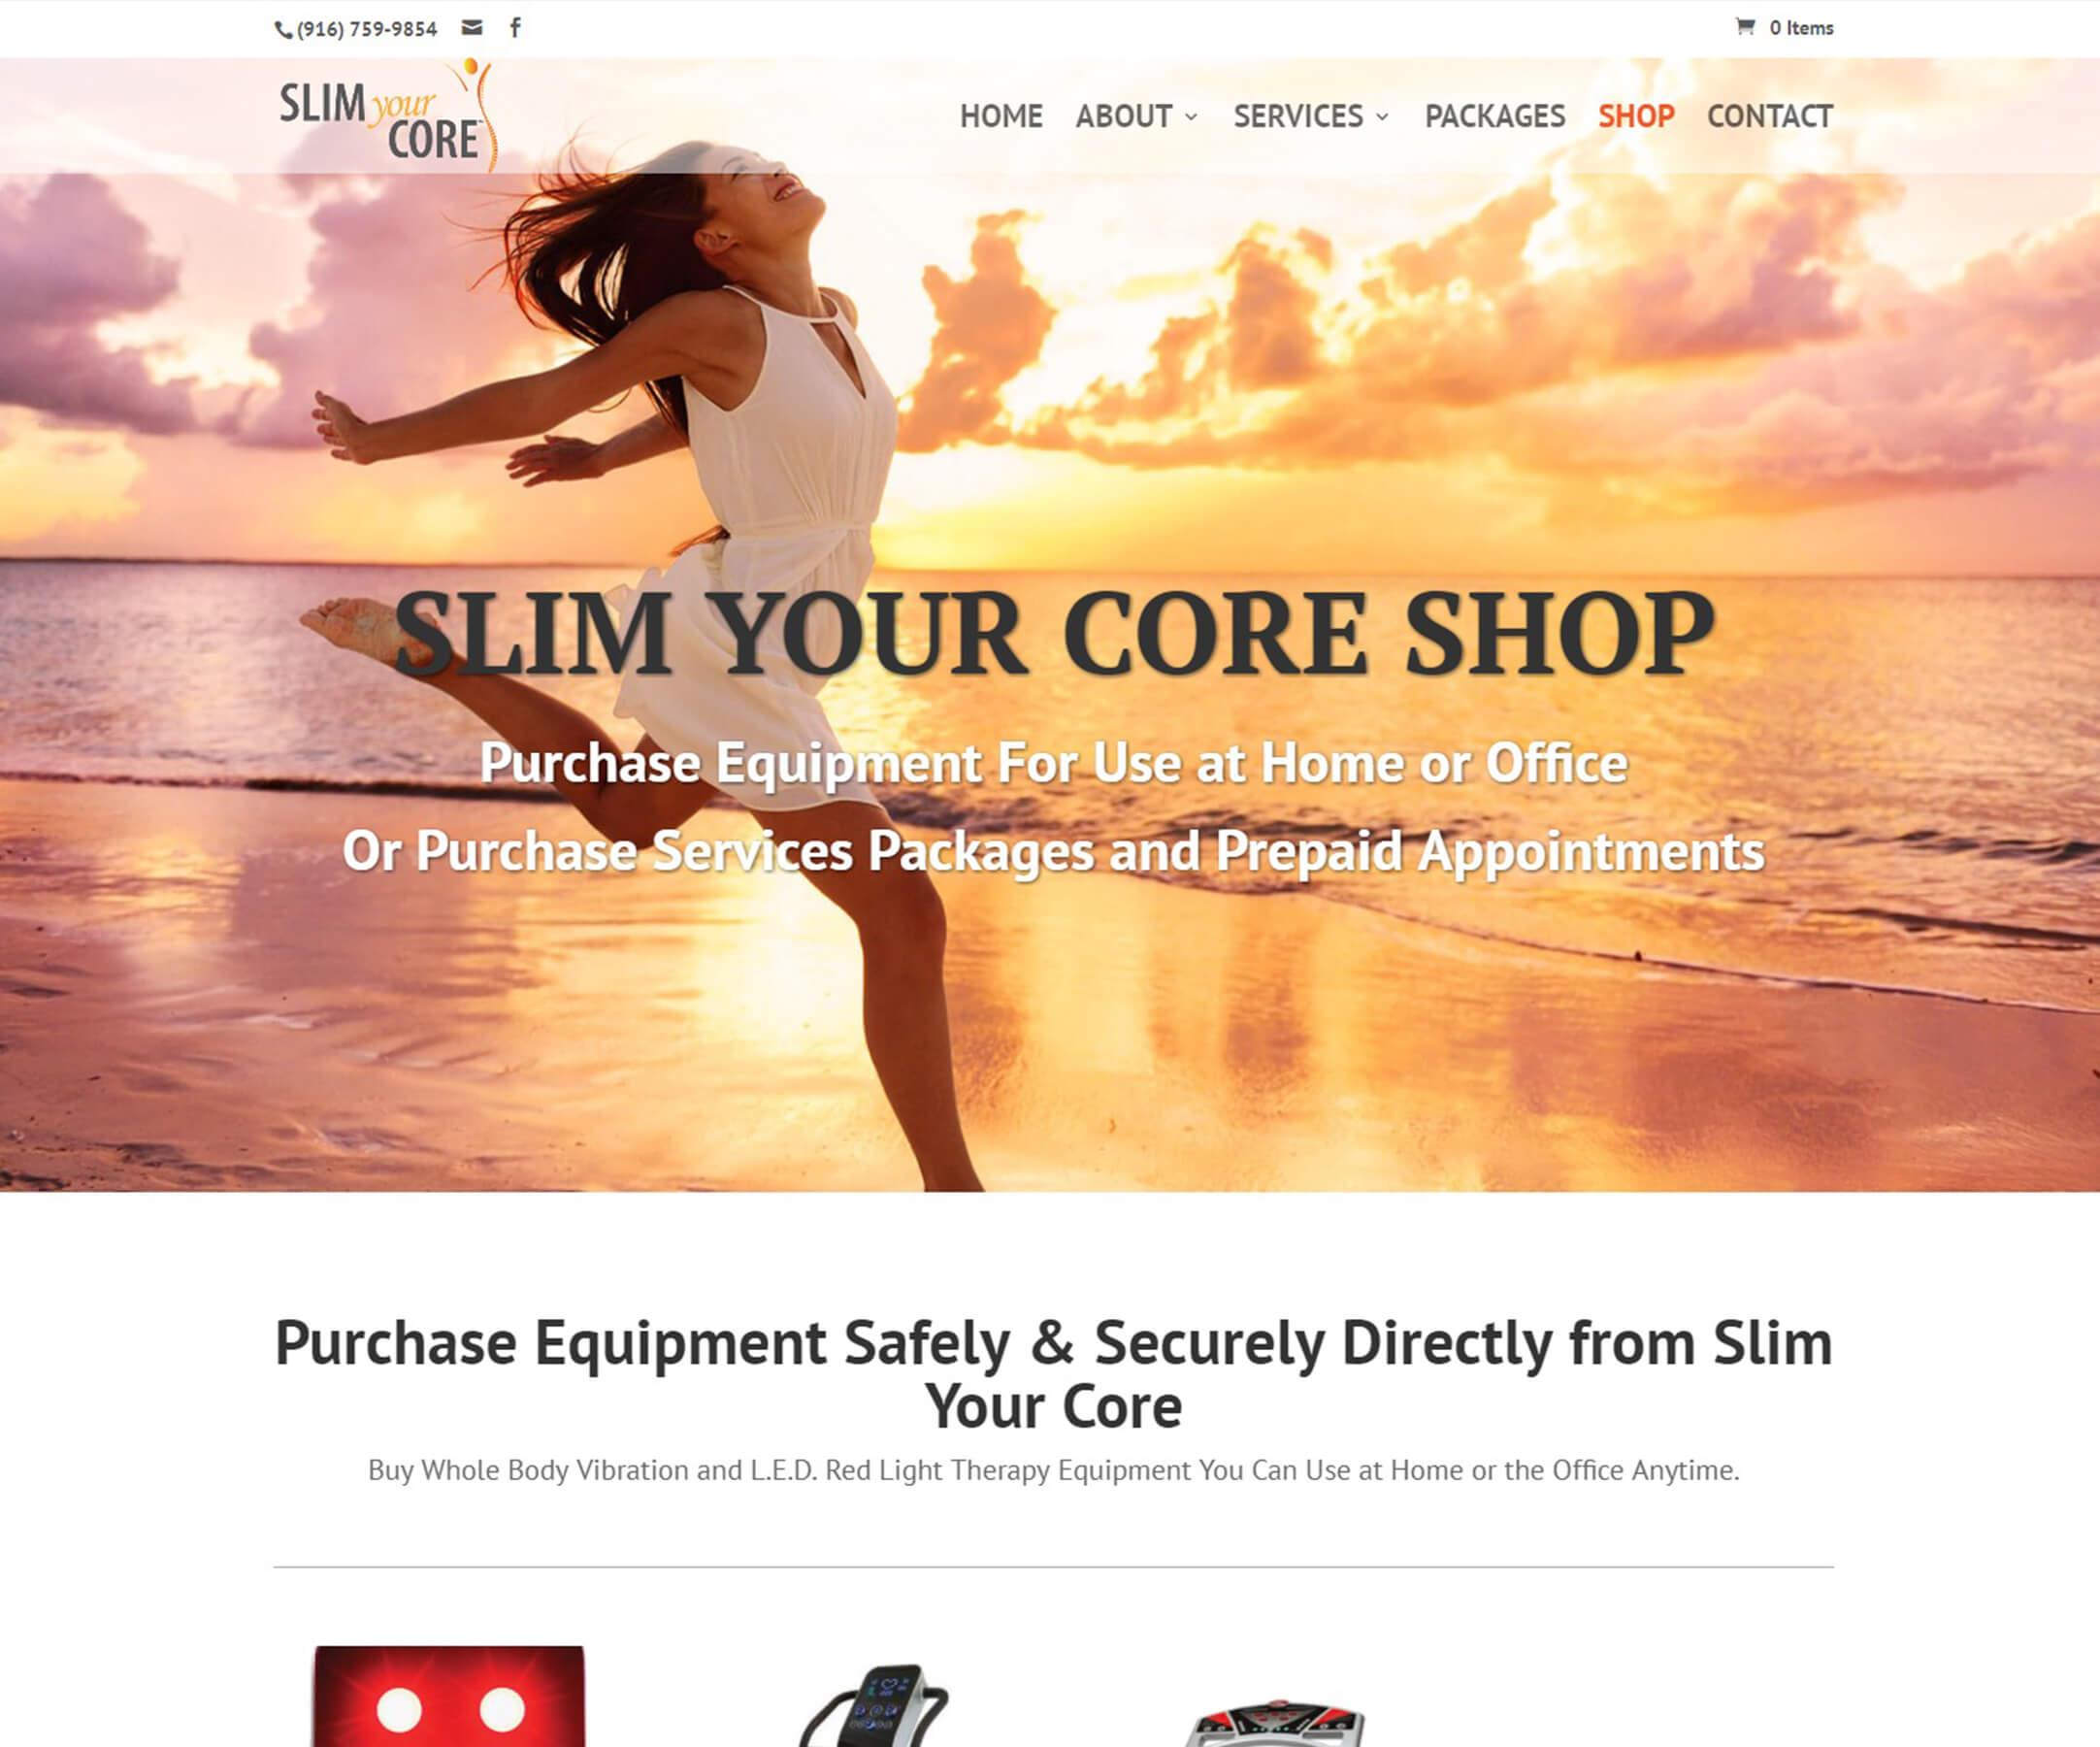 Slim Your Core Shop 1